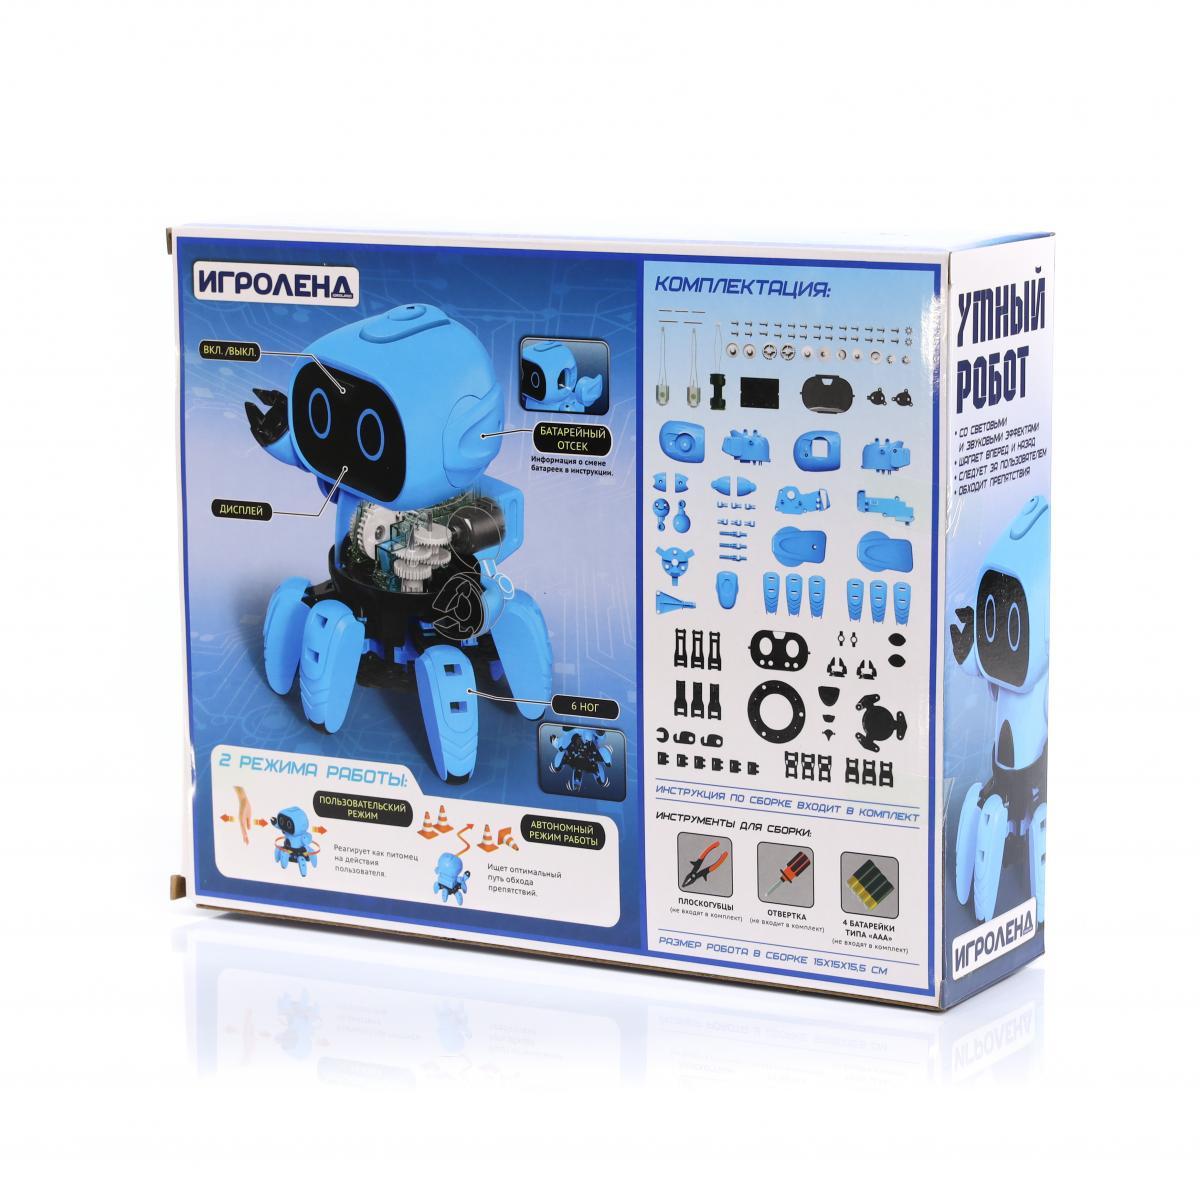 """Конструктор """"Игроленд. Умный робот"""" с сенсорными датчиками 116 деталей 2"""